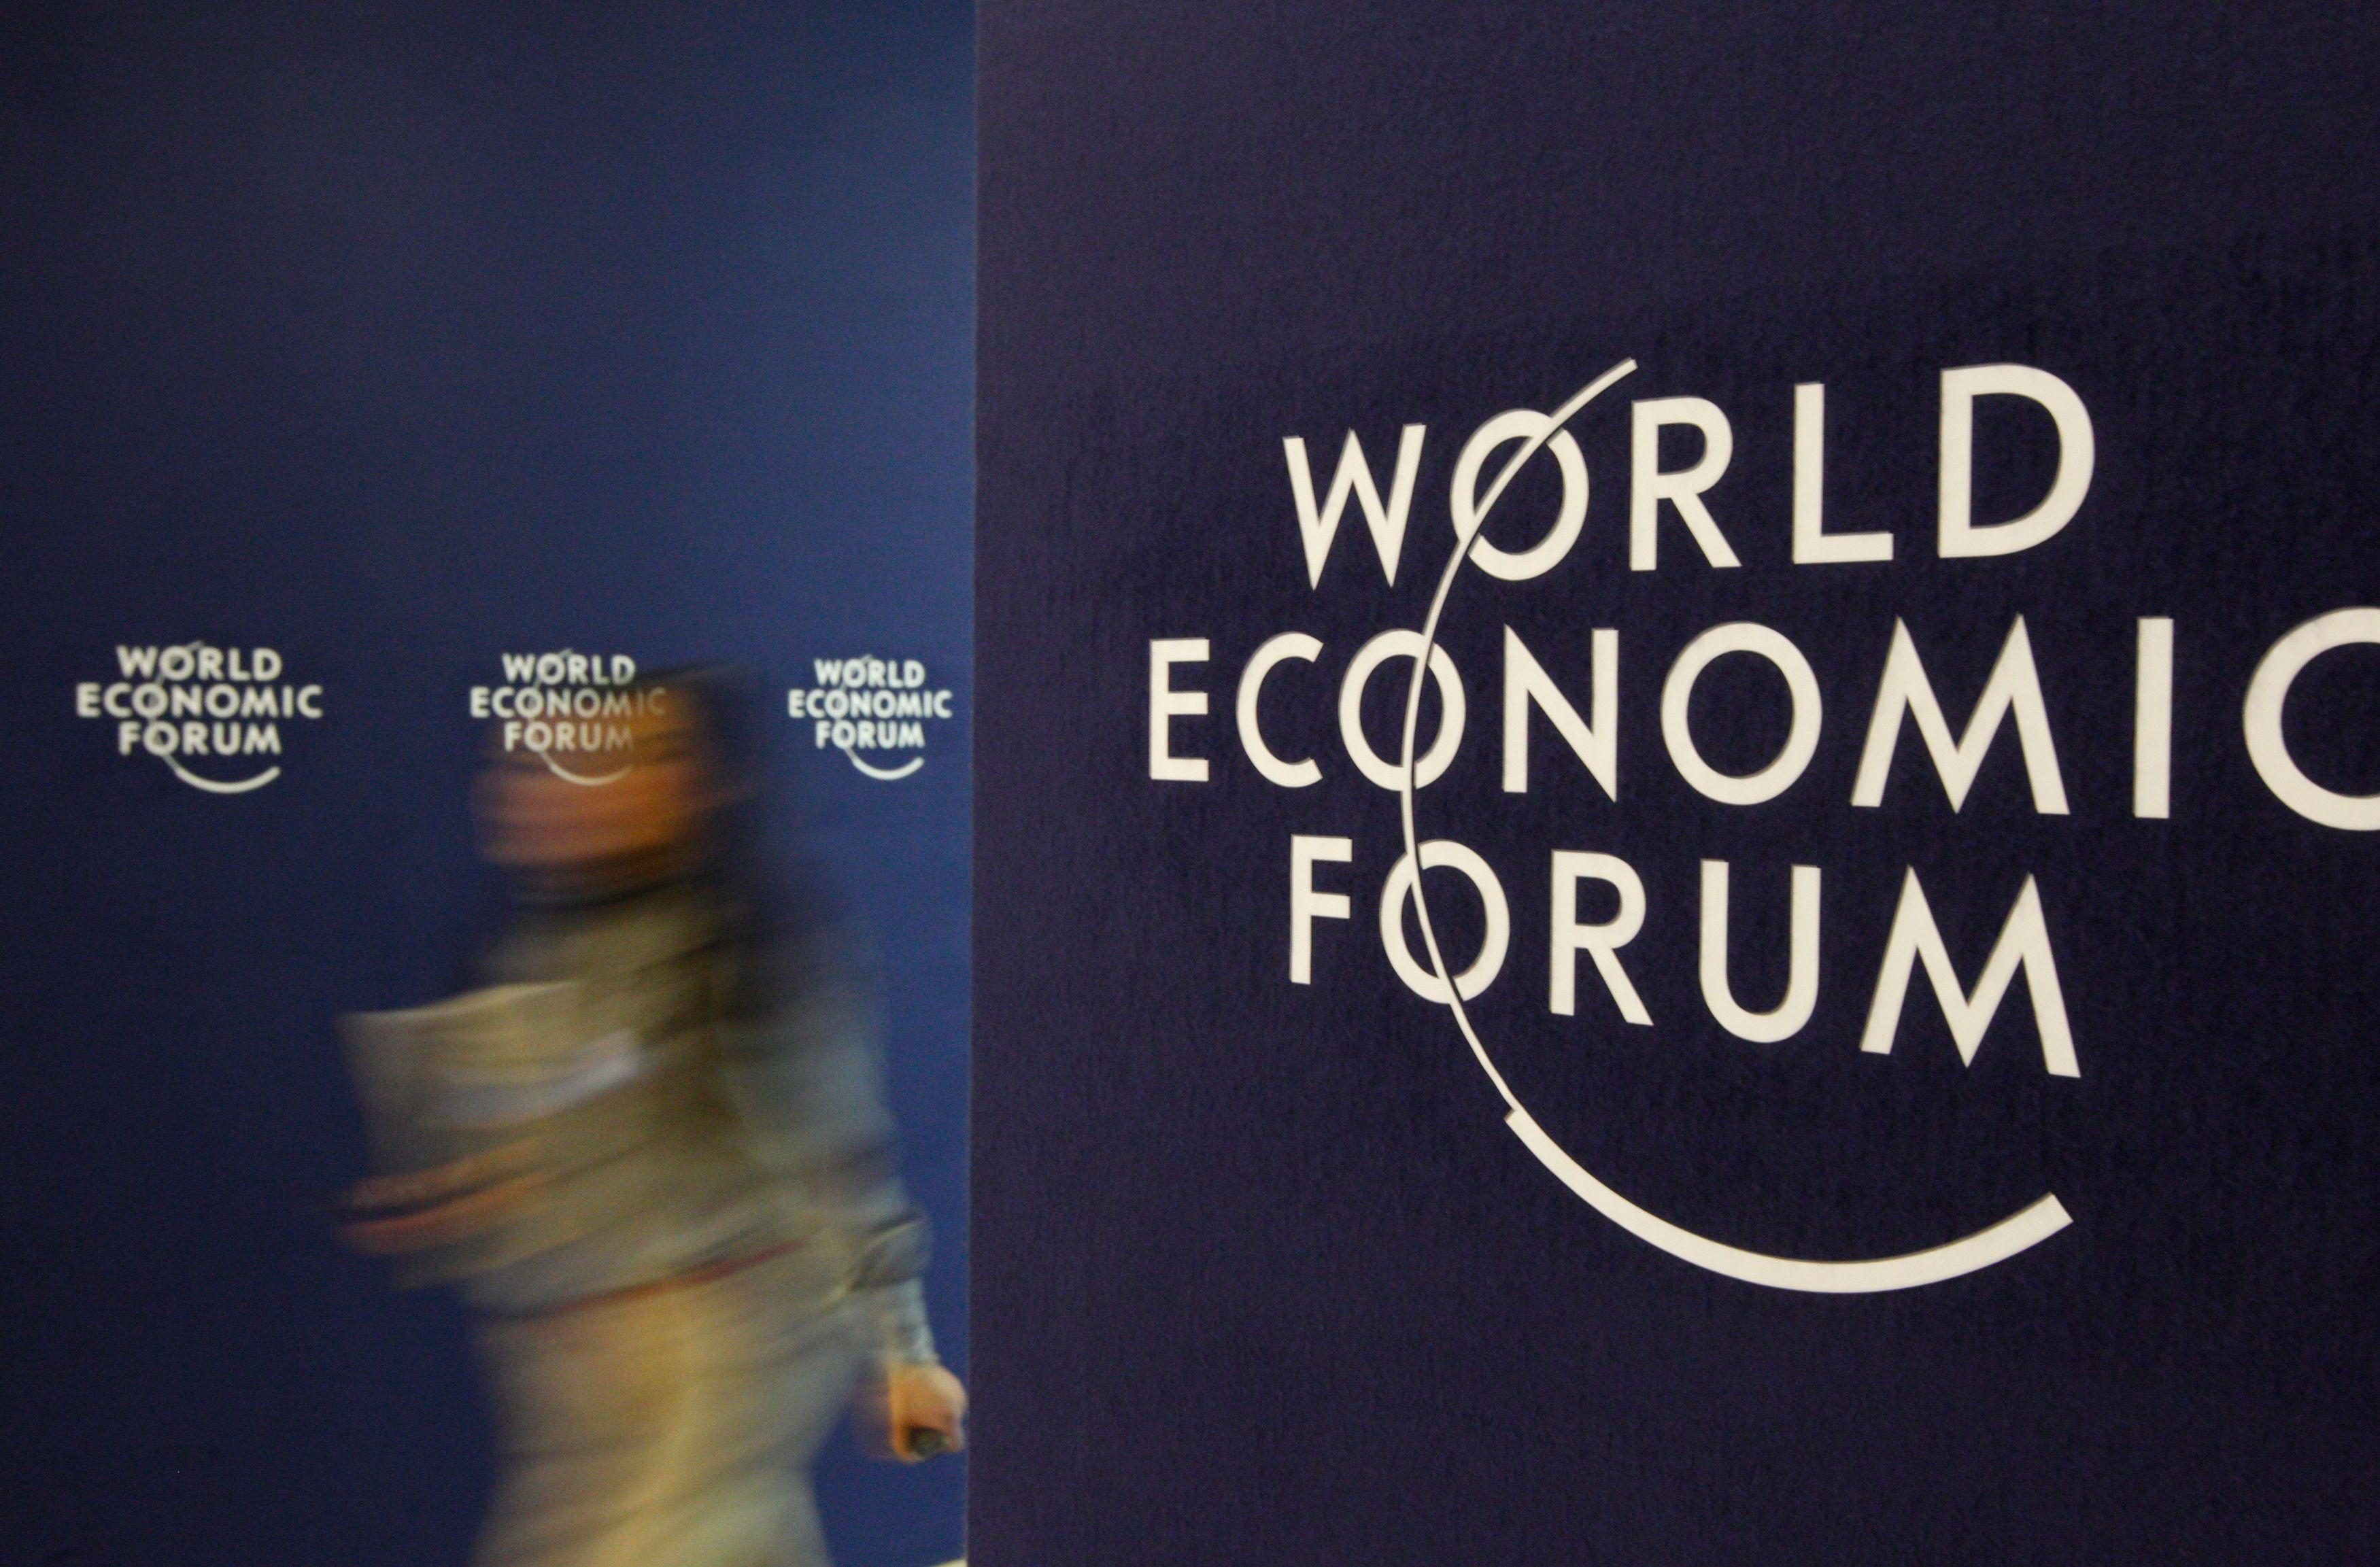 Davos se prépare à l'ouverture du Forum mondial économique ce mercredi 23 janvier 2013.